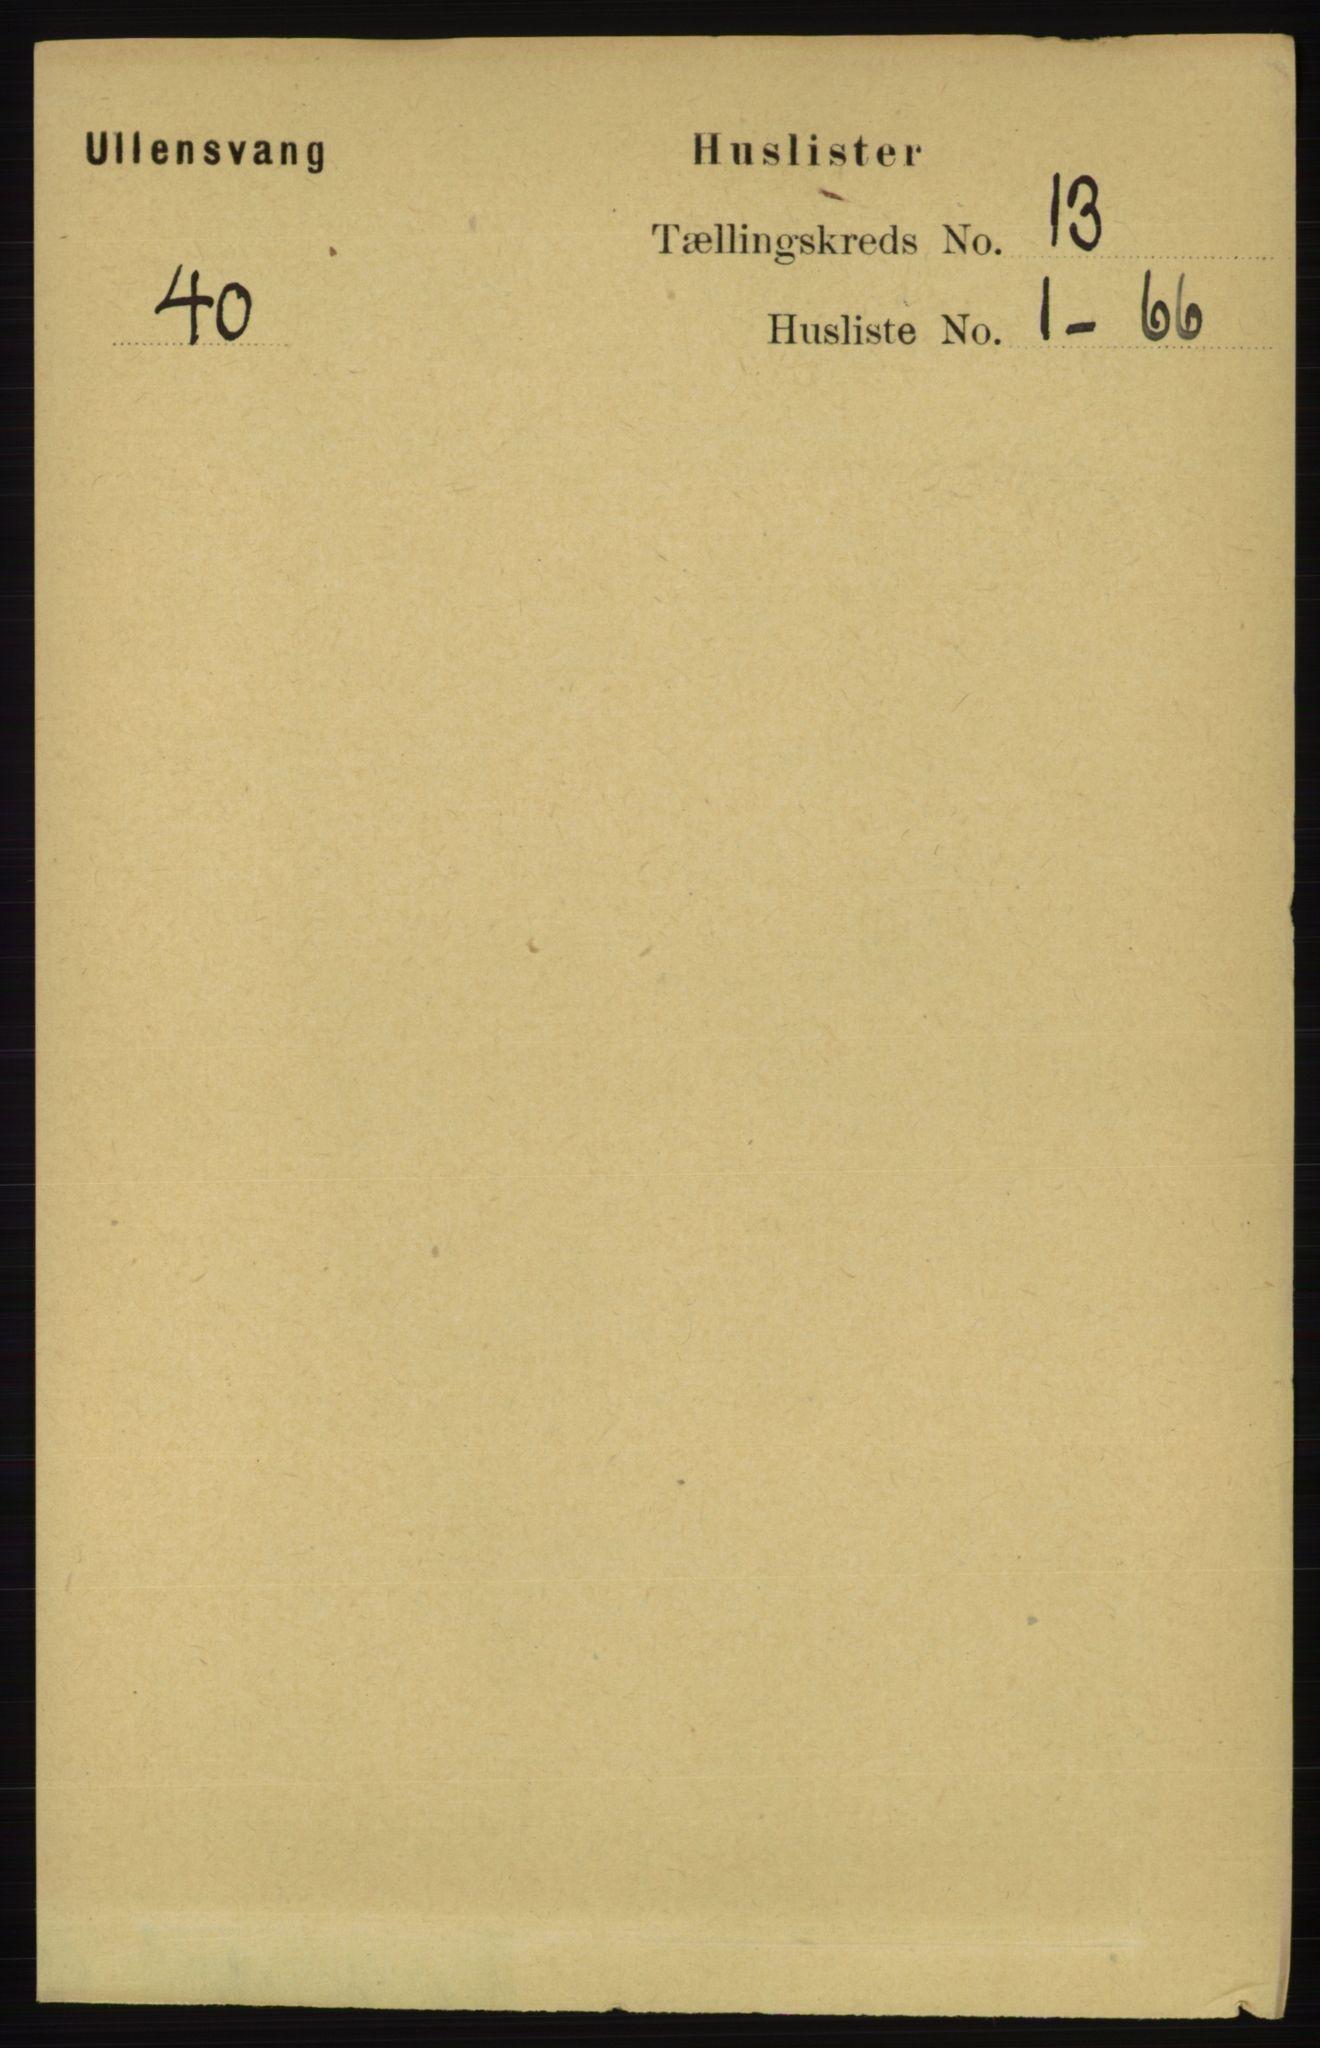 RA, Folketelling 1891 for 1230 Ullensvang herred, 1891, s. 5021